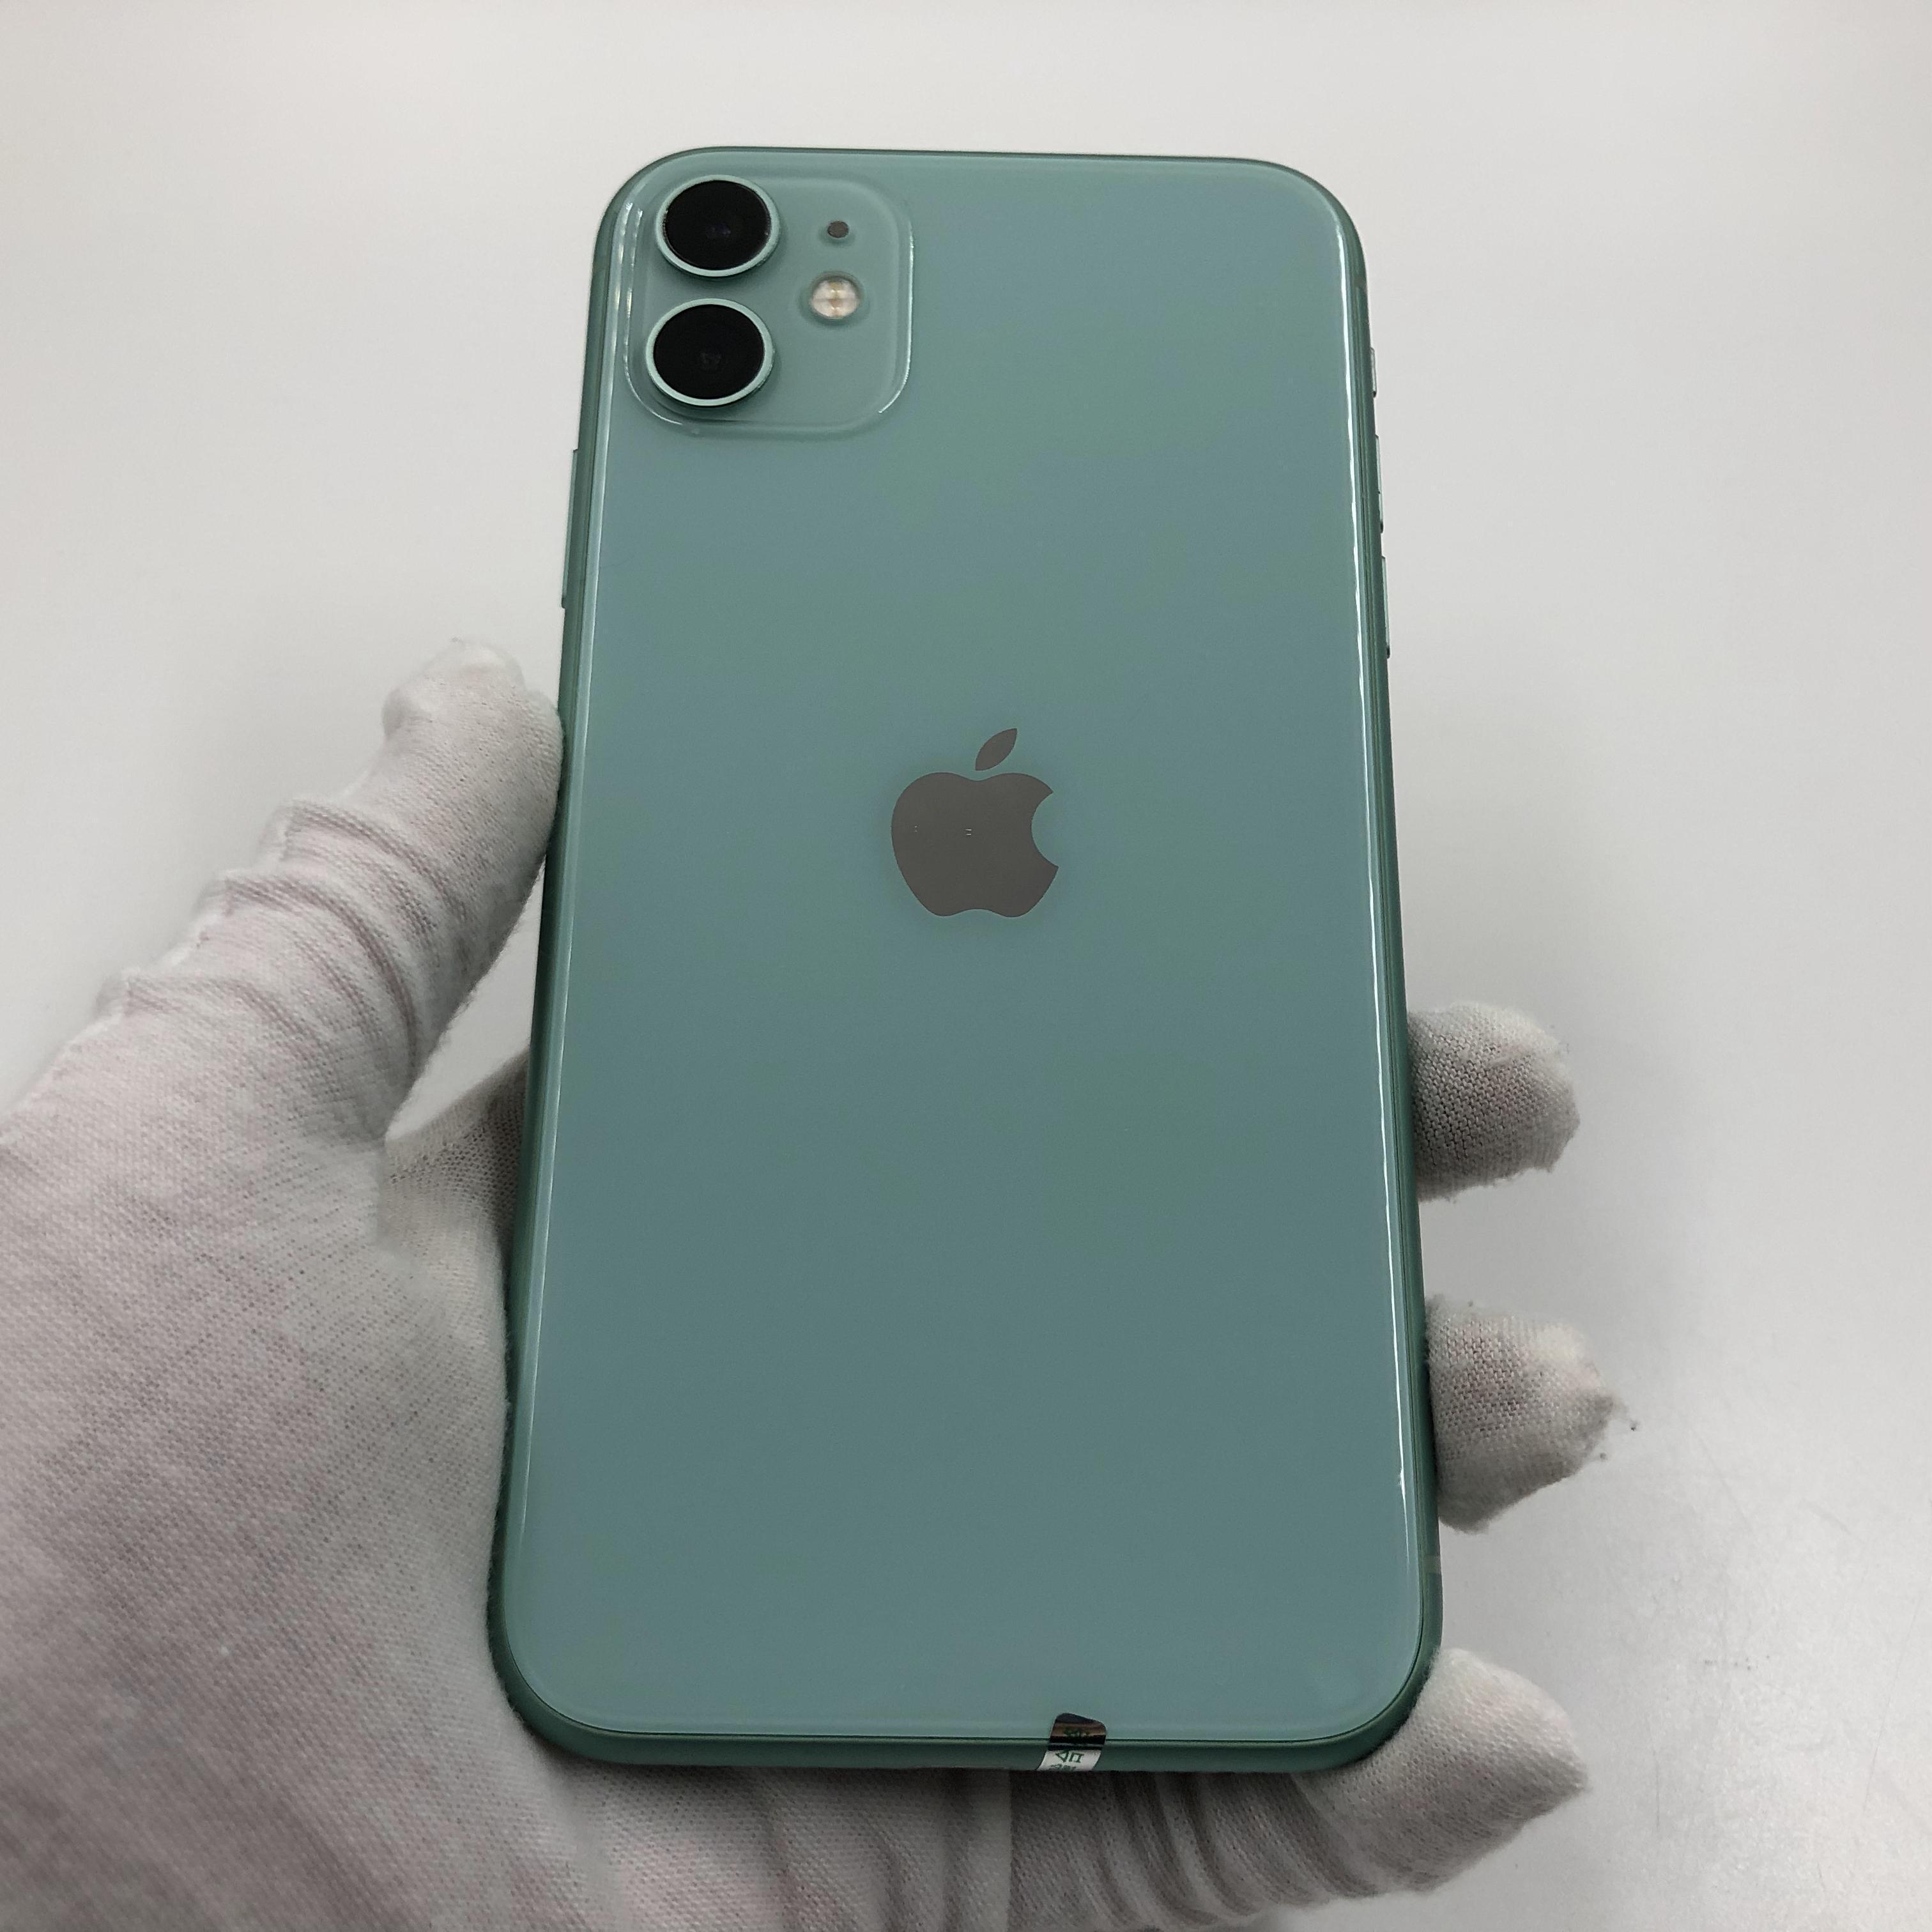 苹果【iPhone 11】4G全网通 绿色 128G 国行 95新 真机实拍